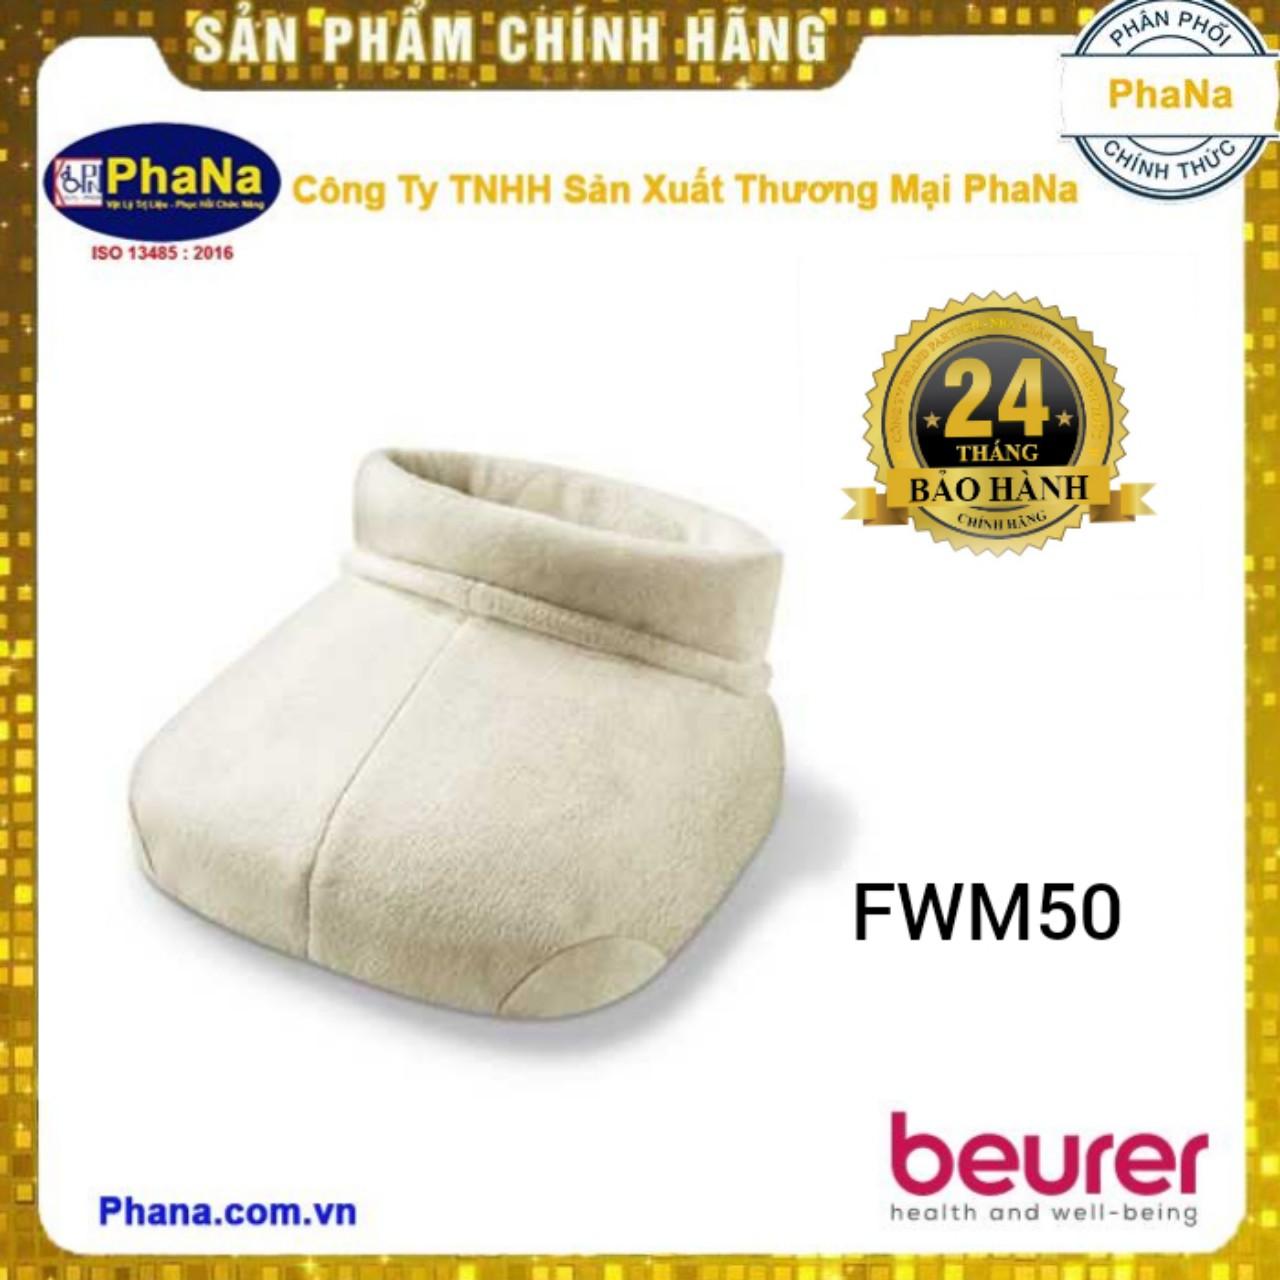 Ủng sưởi ấm và massage chân Shiatsu Beurer FWM50